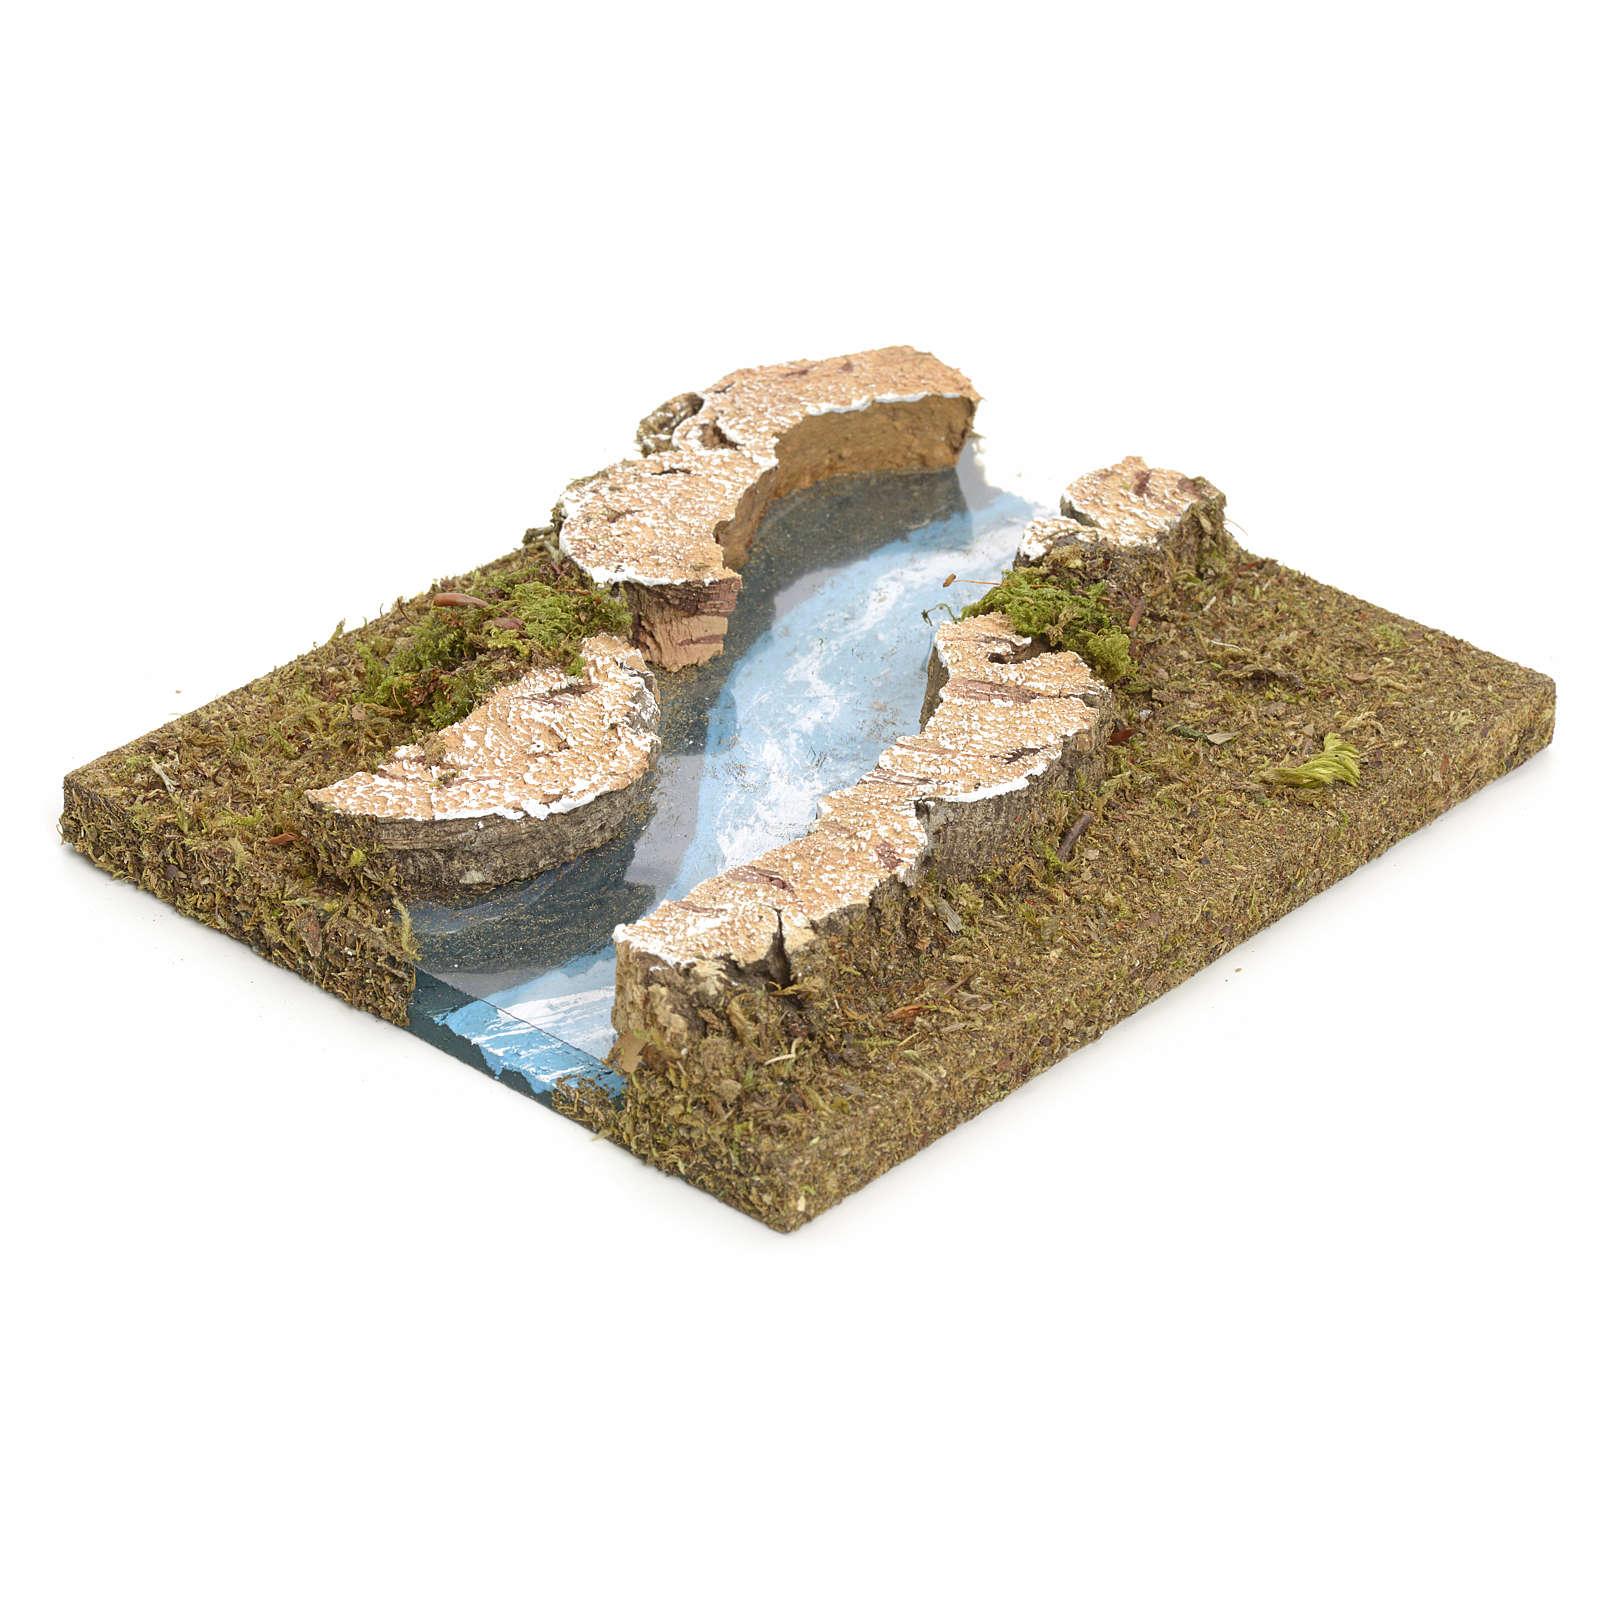 Fluß zusammensetzbar aus Kork: krummliniger Teil 4